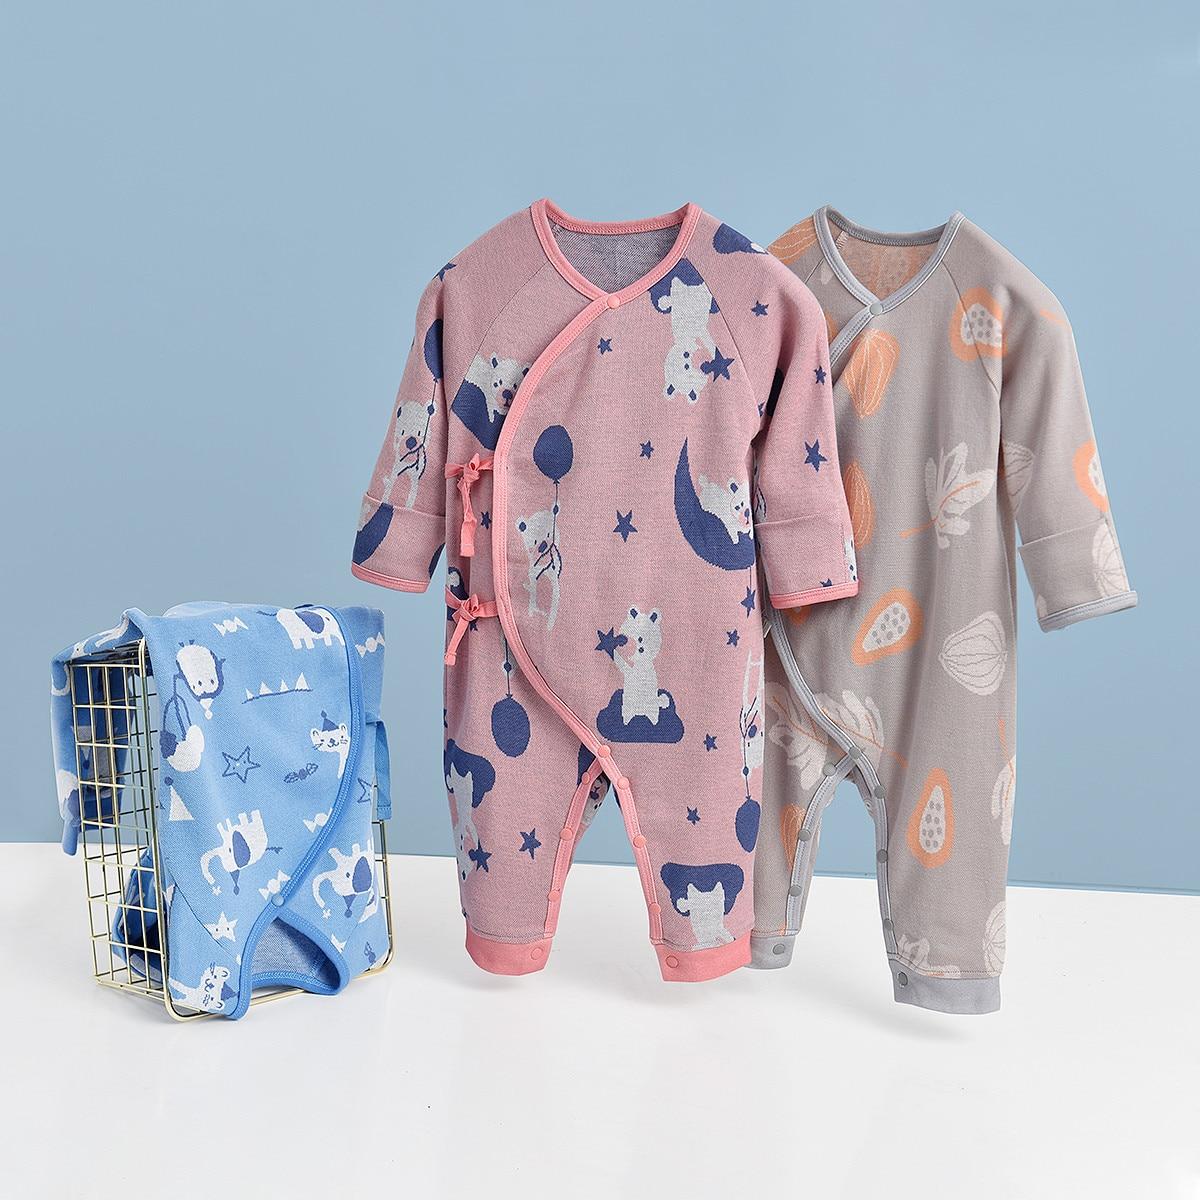 Детская одежда с длинным рукавом, одежда с бабочками, цельная детская одежда из чистого хлопка, детская одежда, хлопковая одежда для скалола...